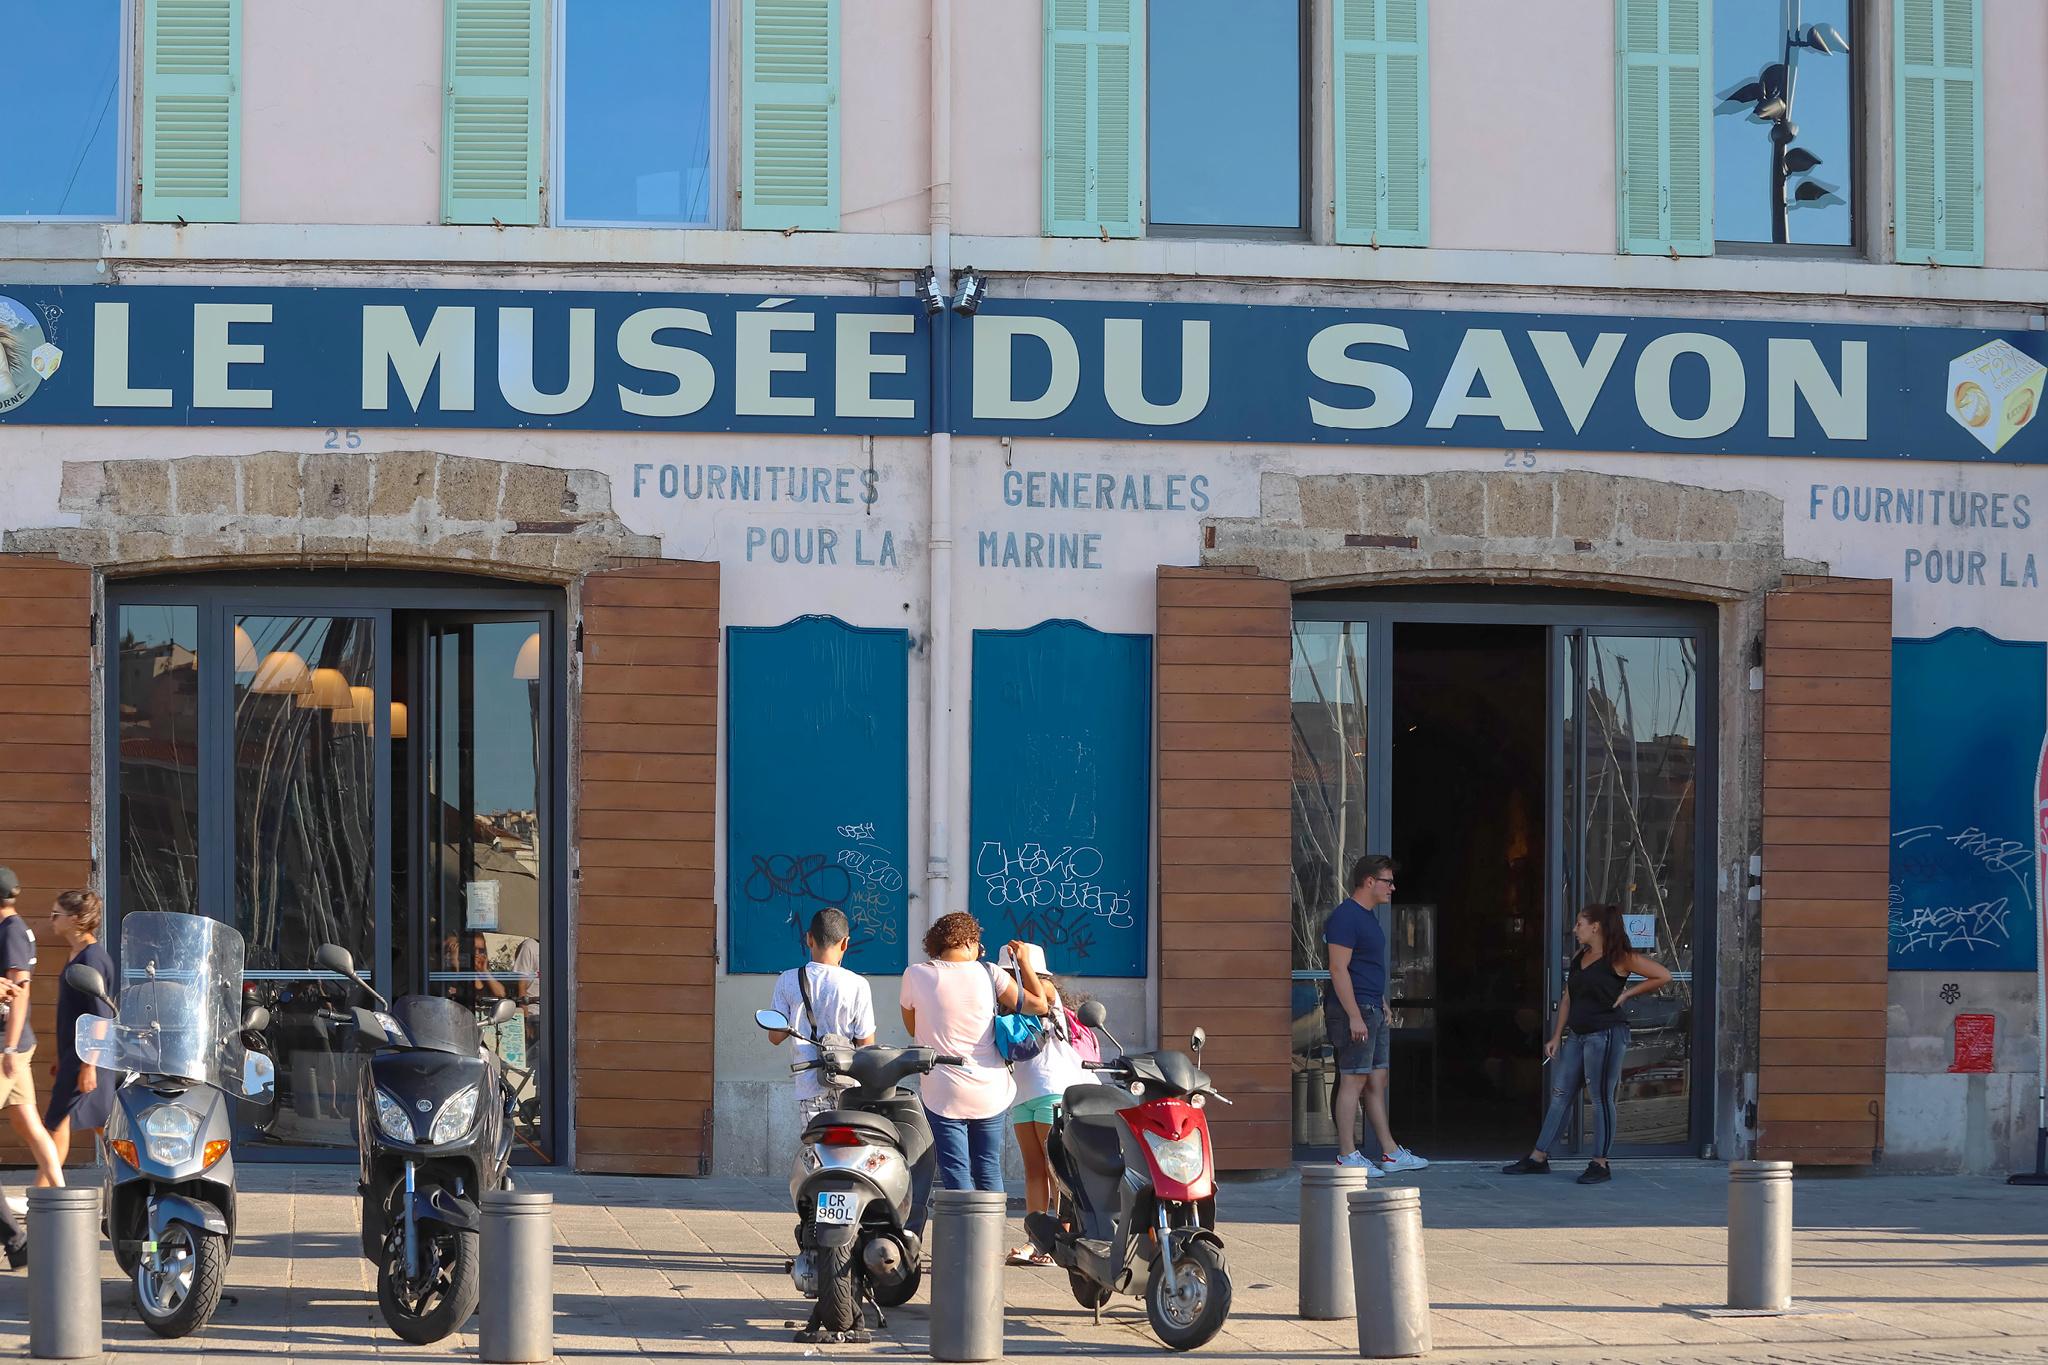 Waar koop ik Marseille zeep of Savon de Marseille?